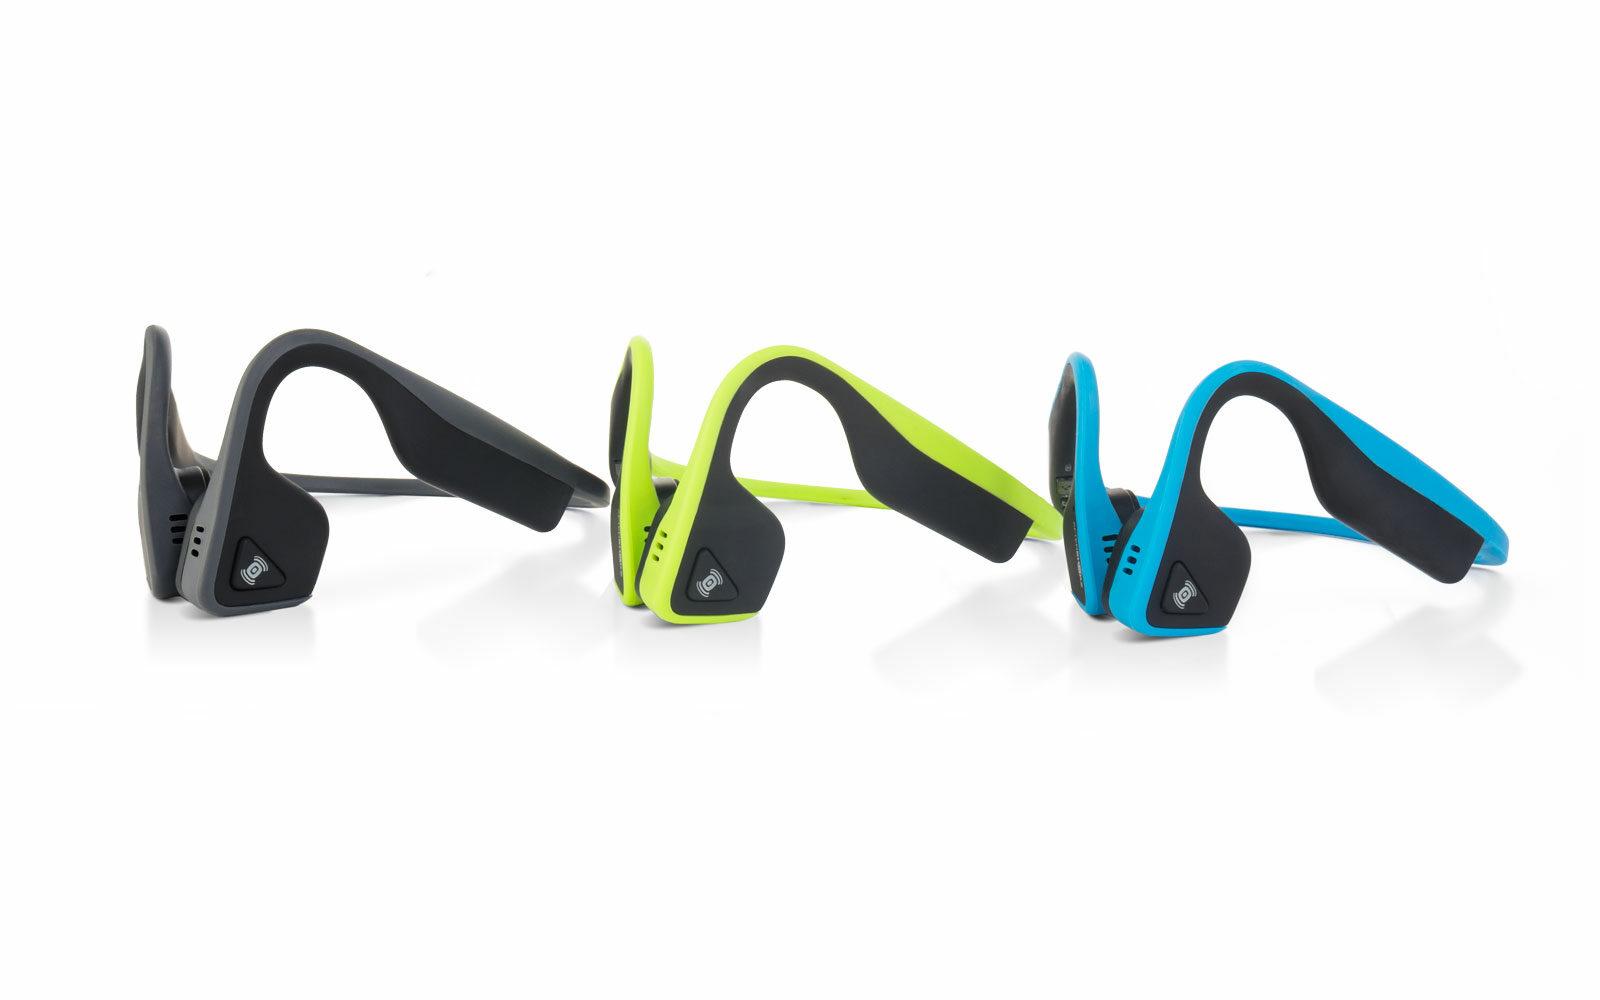 Aftershokz Trekz Titanium, cuffie wireless a conduzione ossea per sportivi, per ascoltare musica attraverso gli zigomi, lasciando le orecchie libere. Leggere, resistenti al sudore, euro 109,99